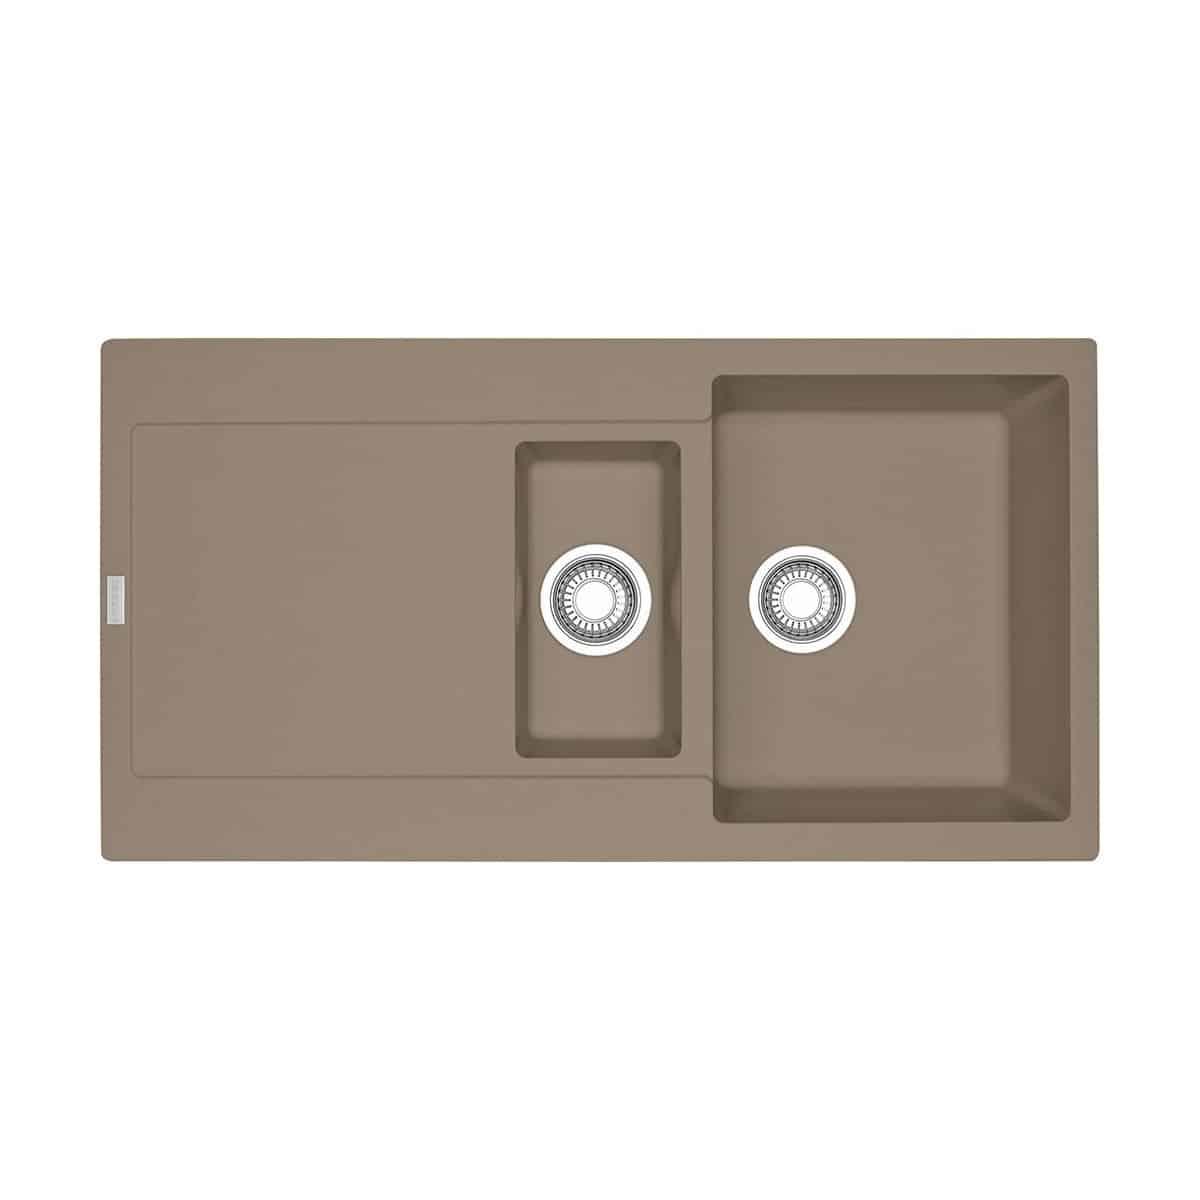 franke maris fragranit mrg251 eviers direct evier. Black Bedroom Furniture Sets. Home Design Ideas